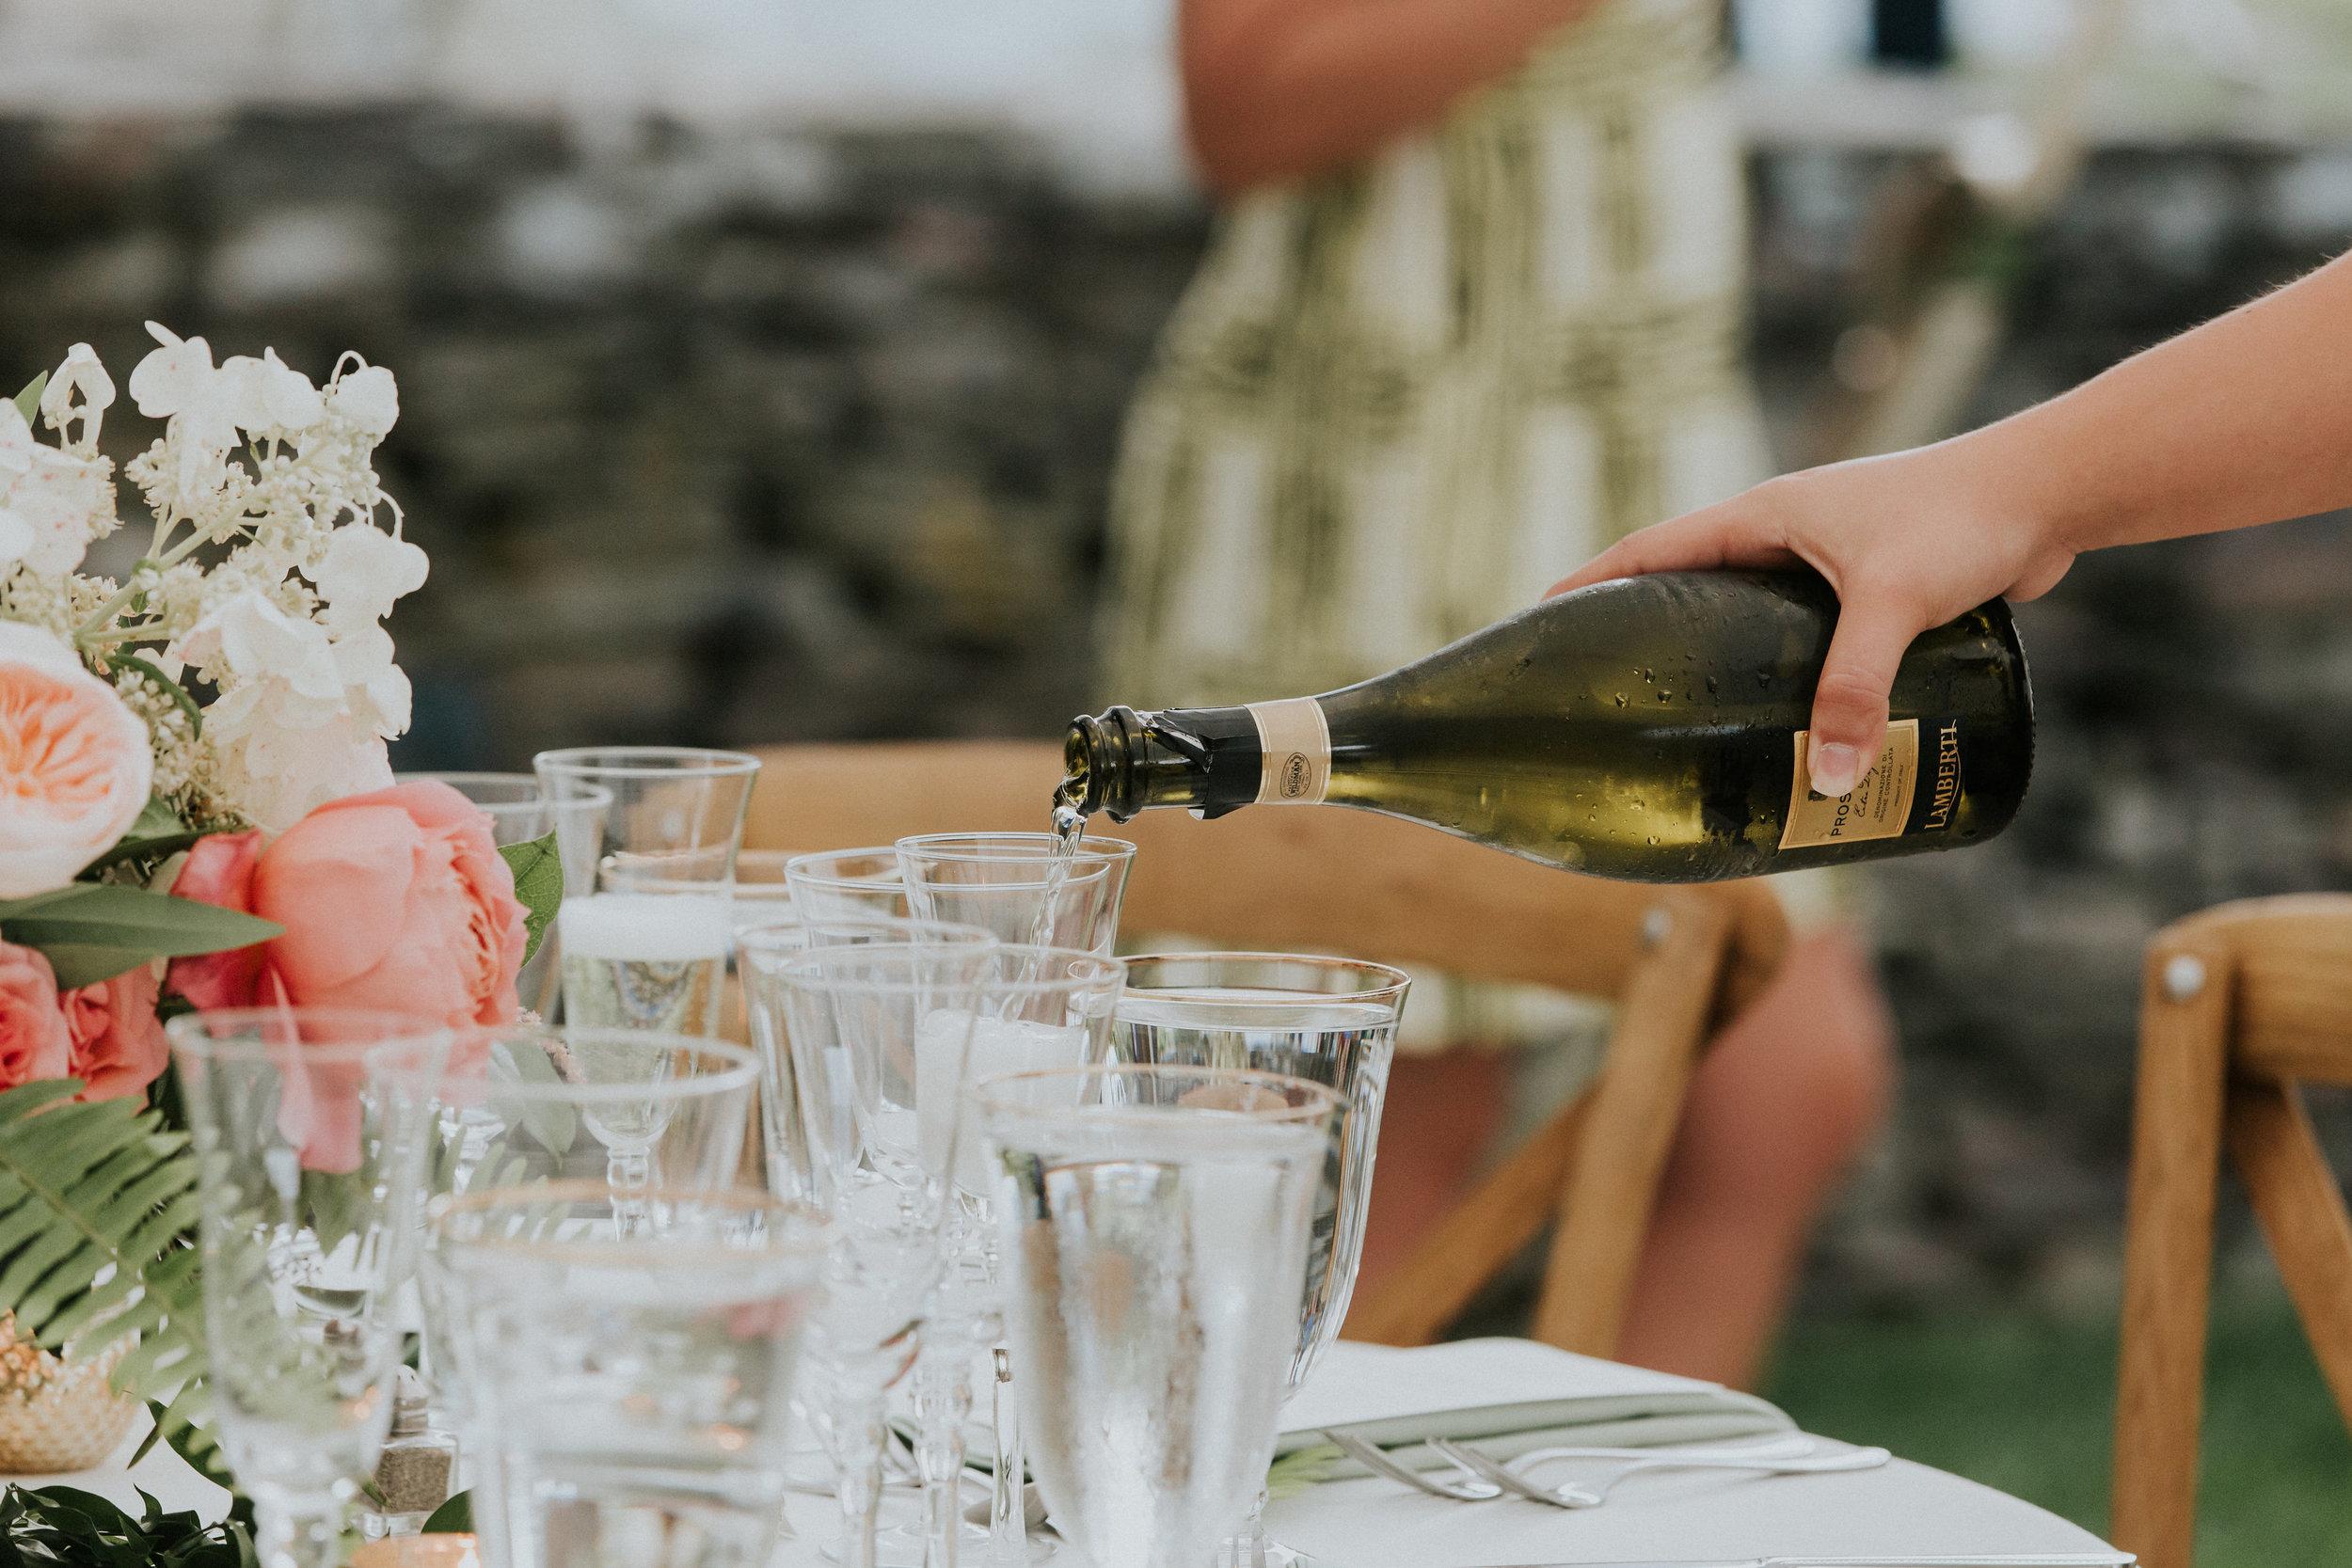 martha stewart weddings - drinking while getting wedding-ready